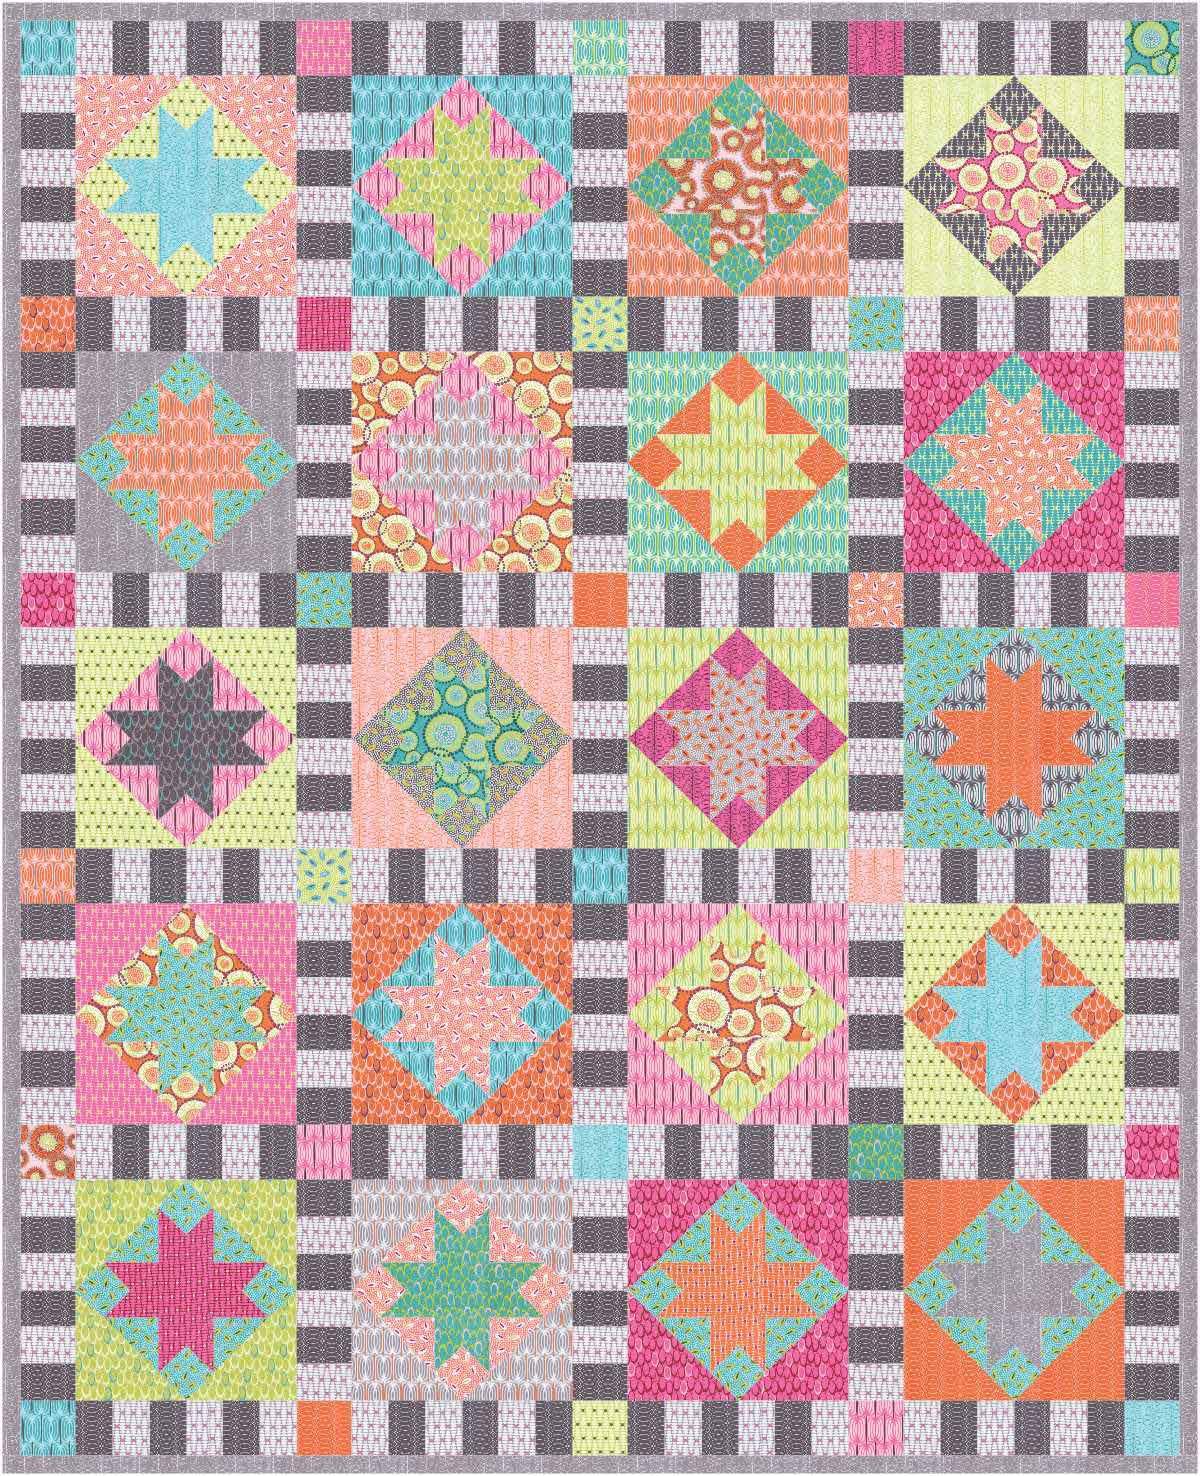 Aunt Em's Quilts - Twinkle